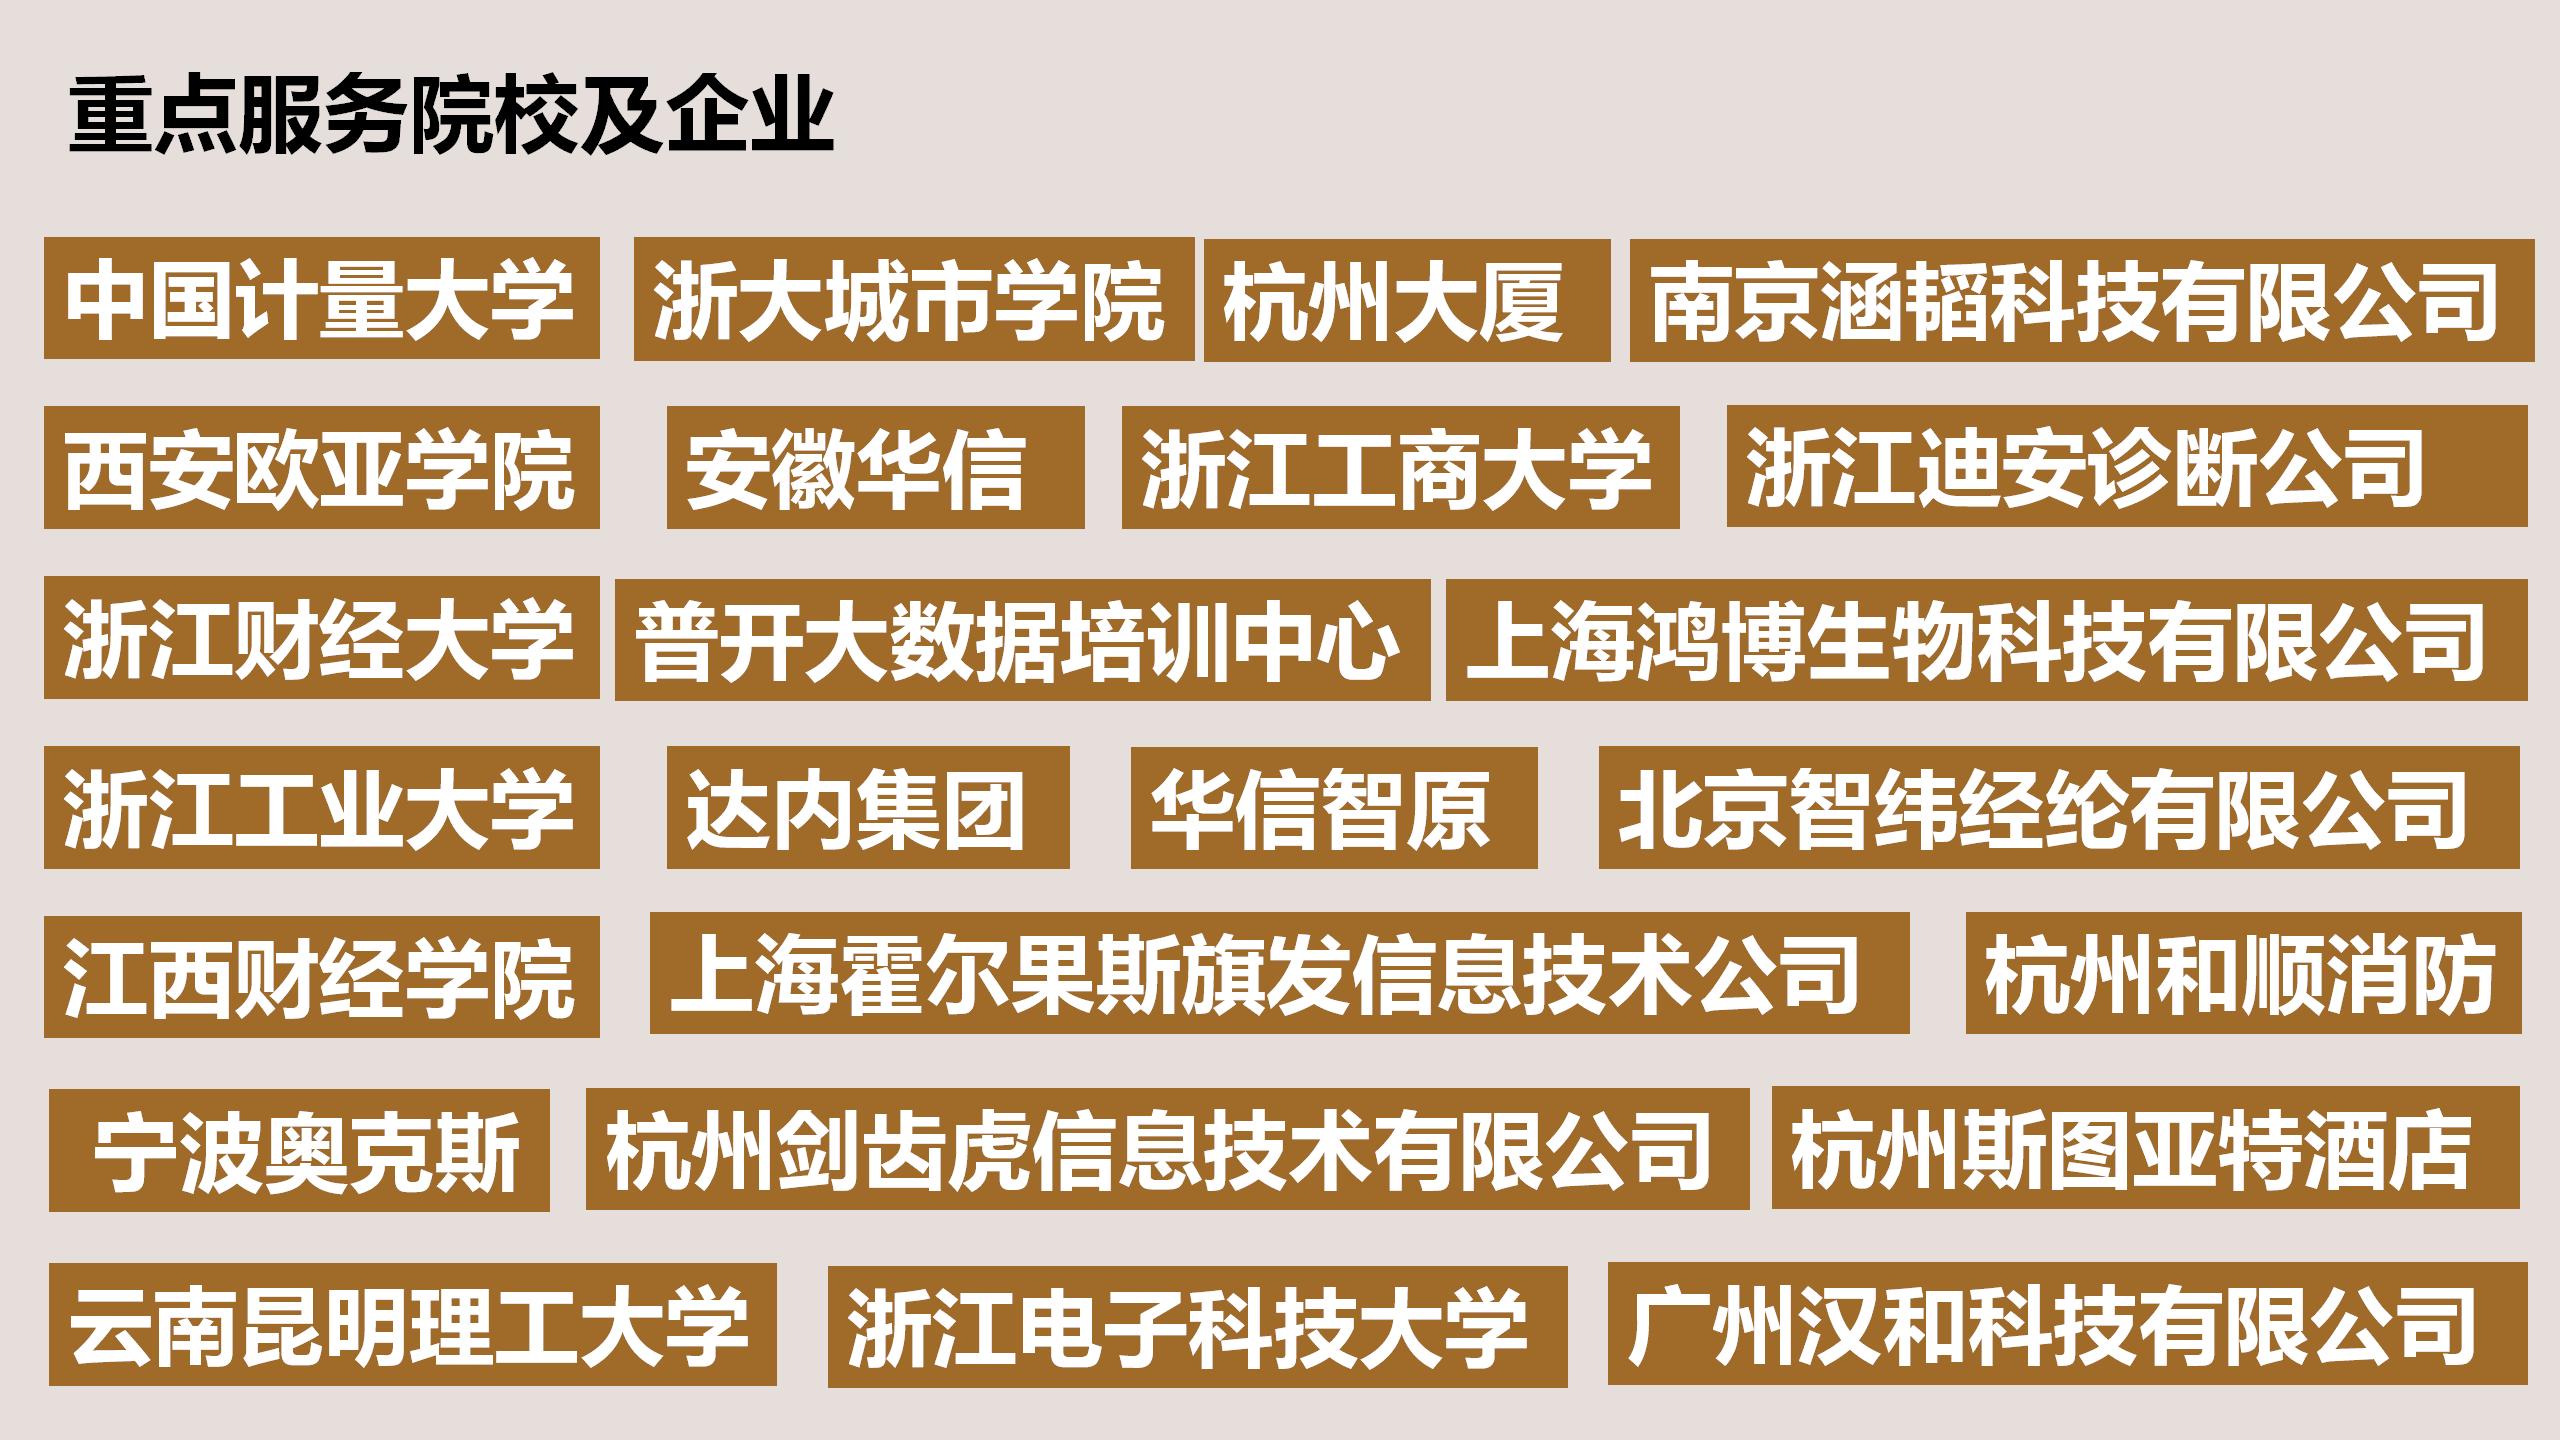 方芳共享大企业讲师介绍_47